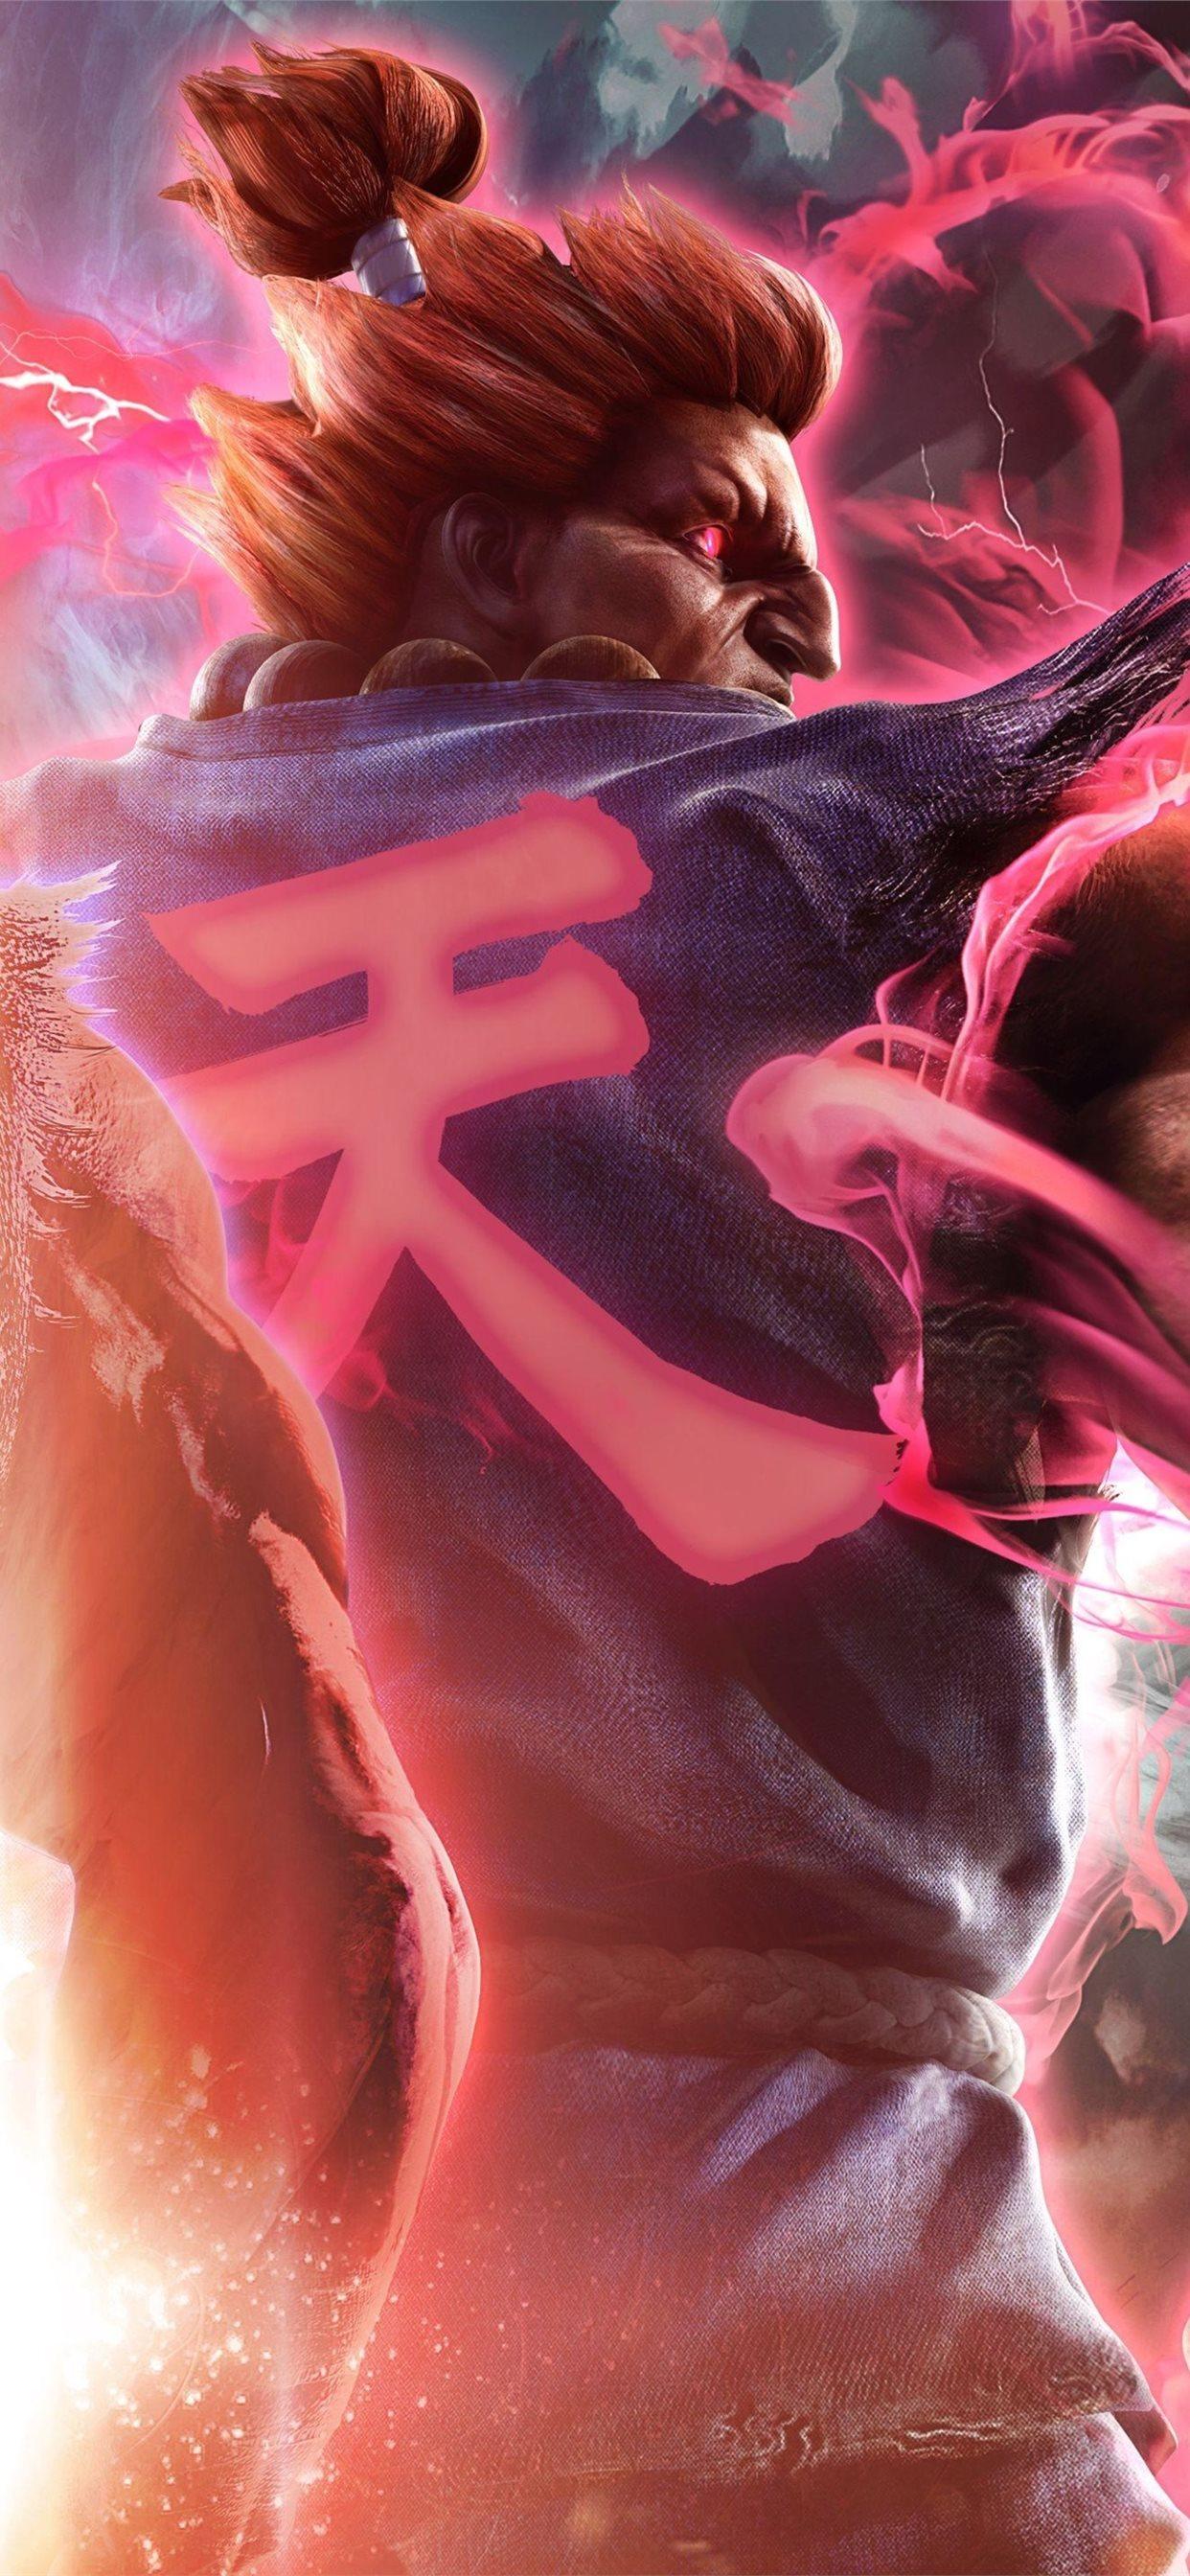 Tekken 7 5k Iphone 11 Wallpapers Free Download